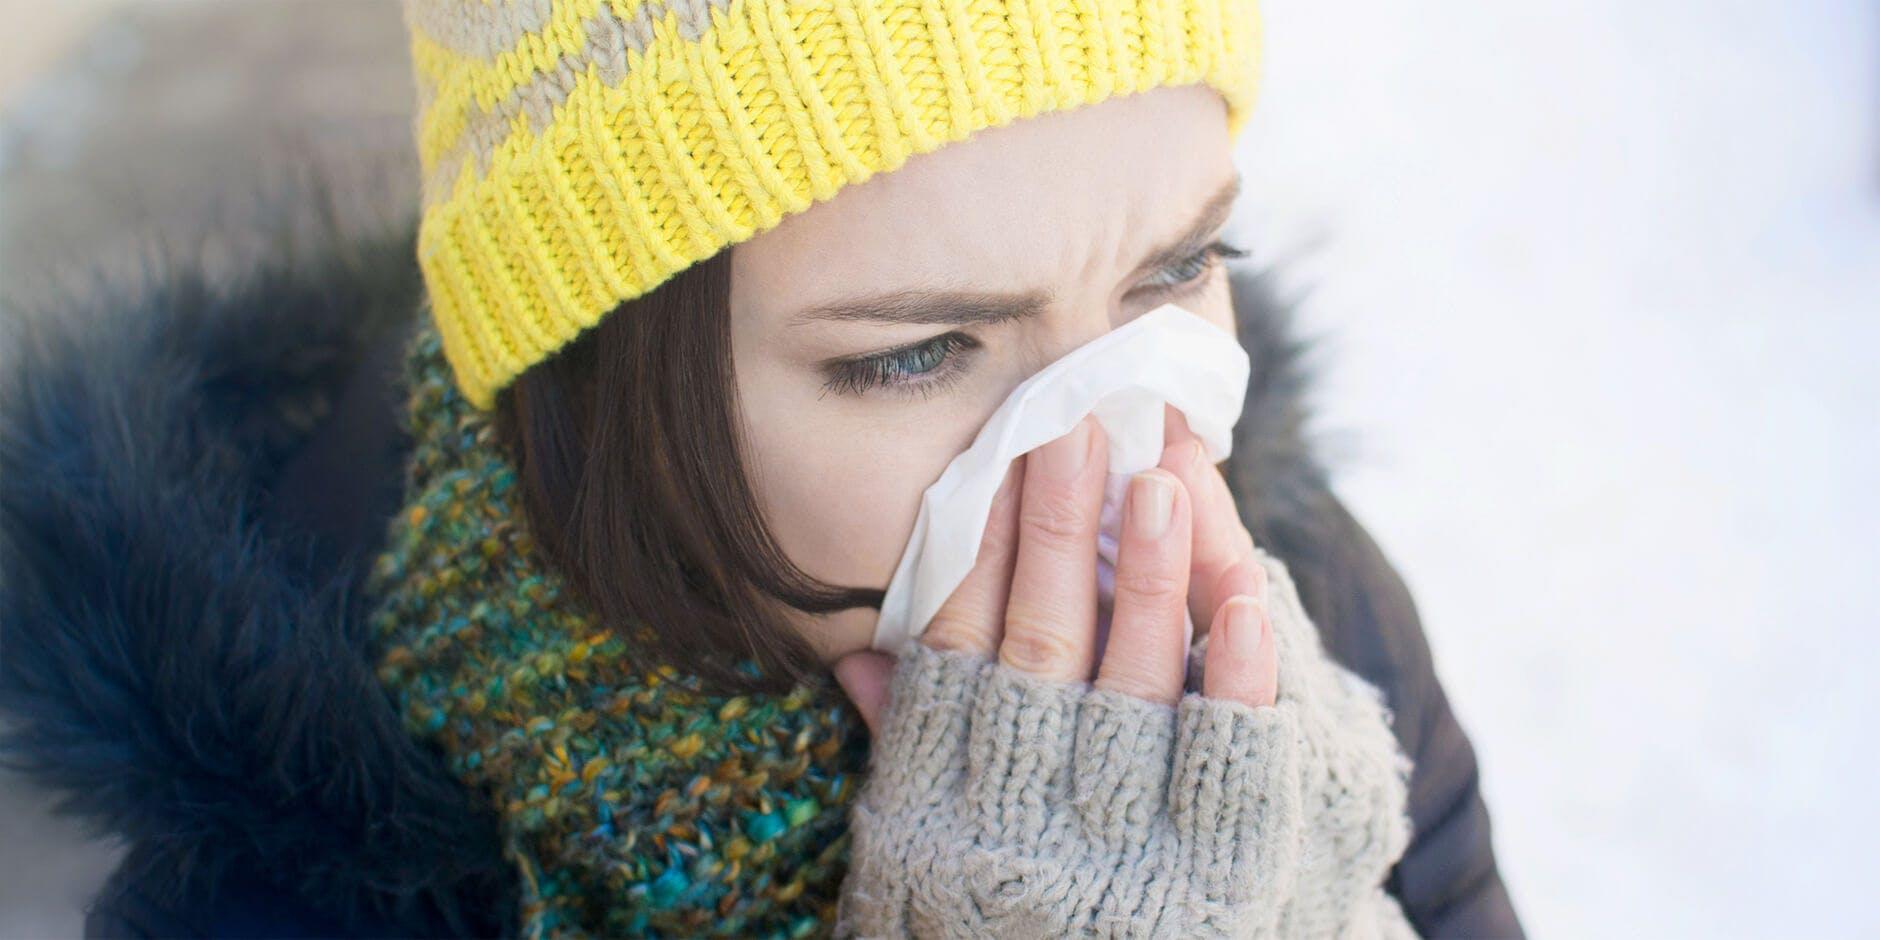 Женщина, одетая в зимнюю одежду, сморкается